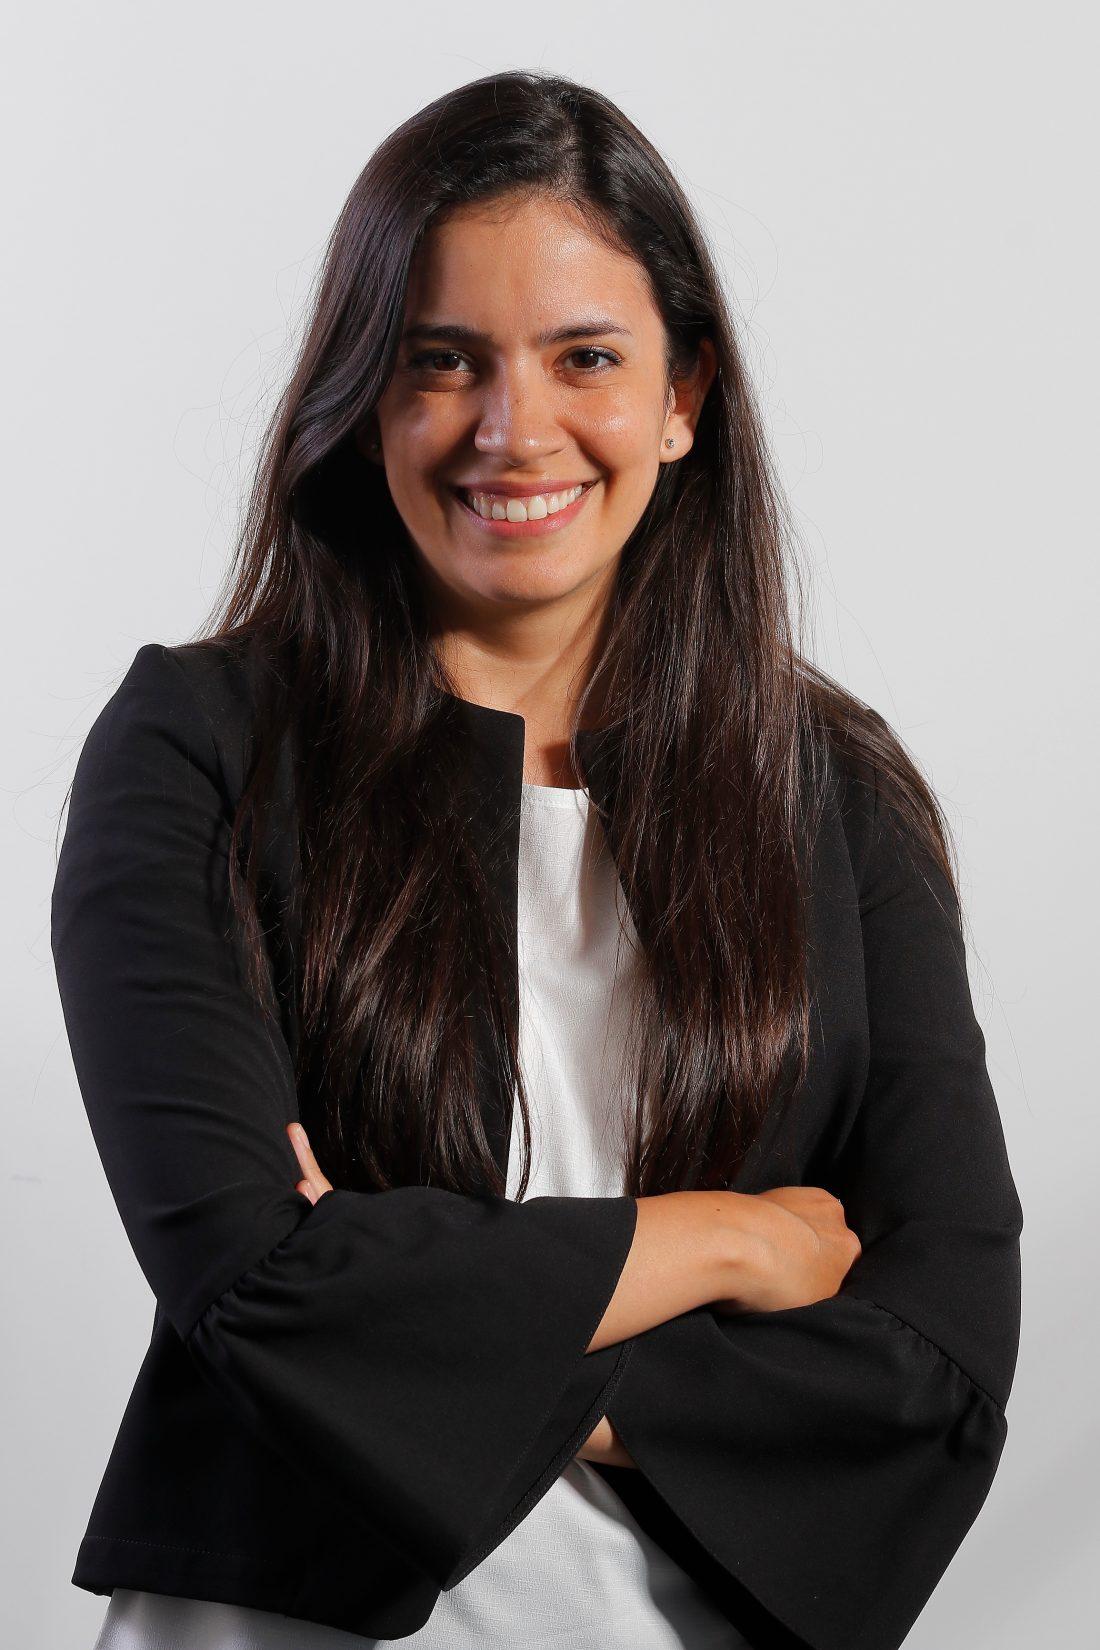 Nicole Sobarzo U.